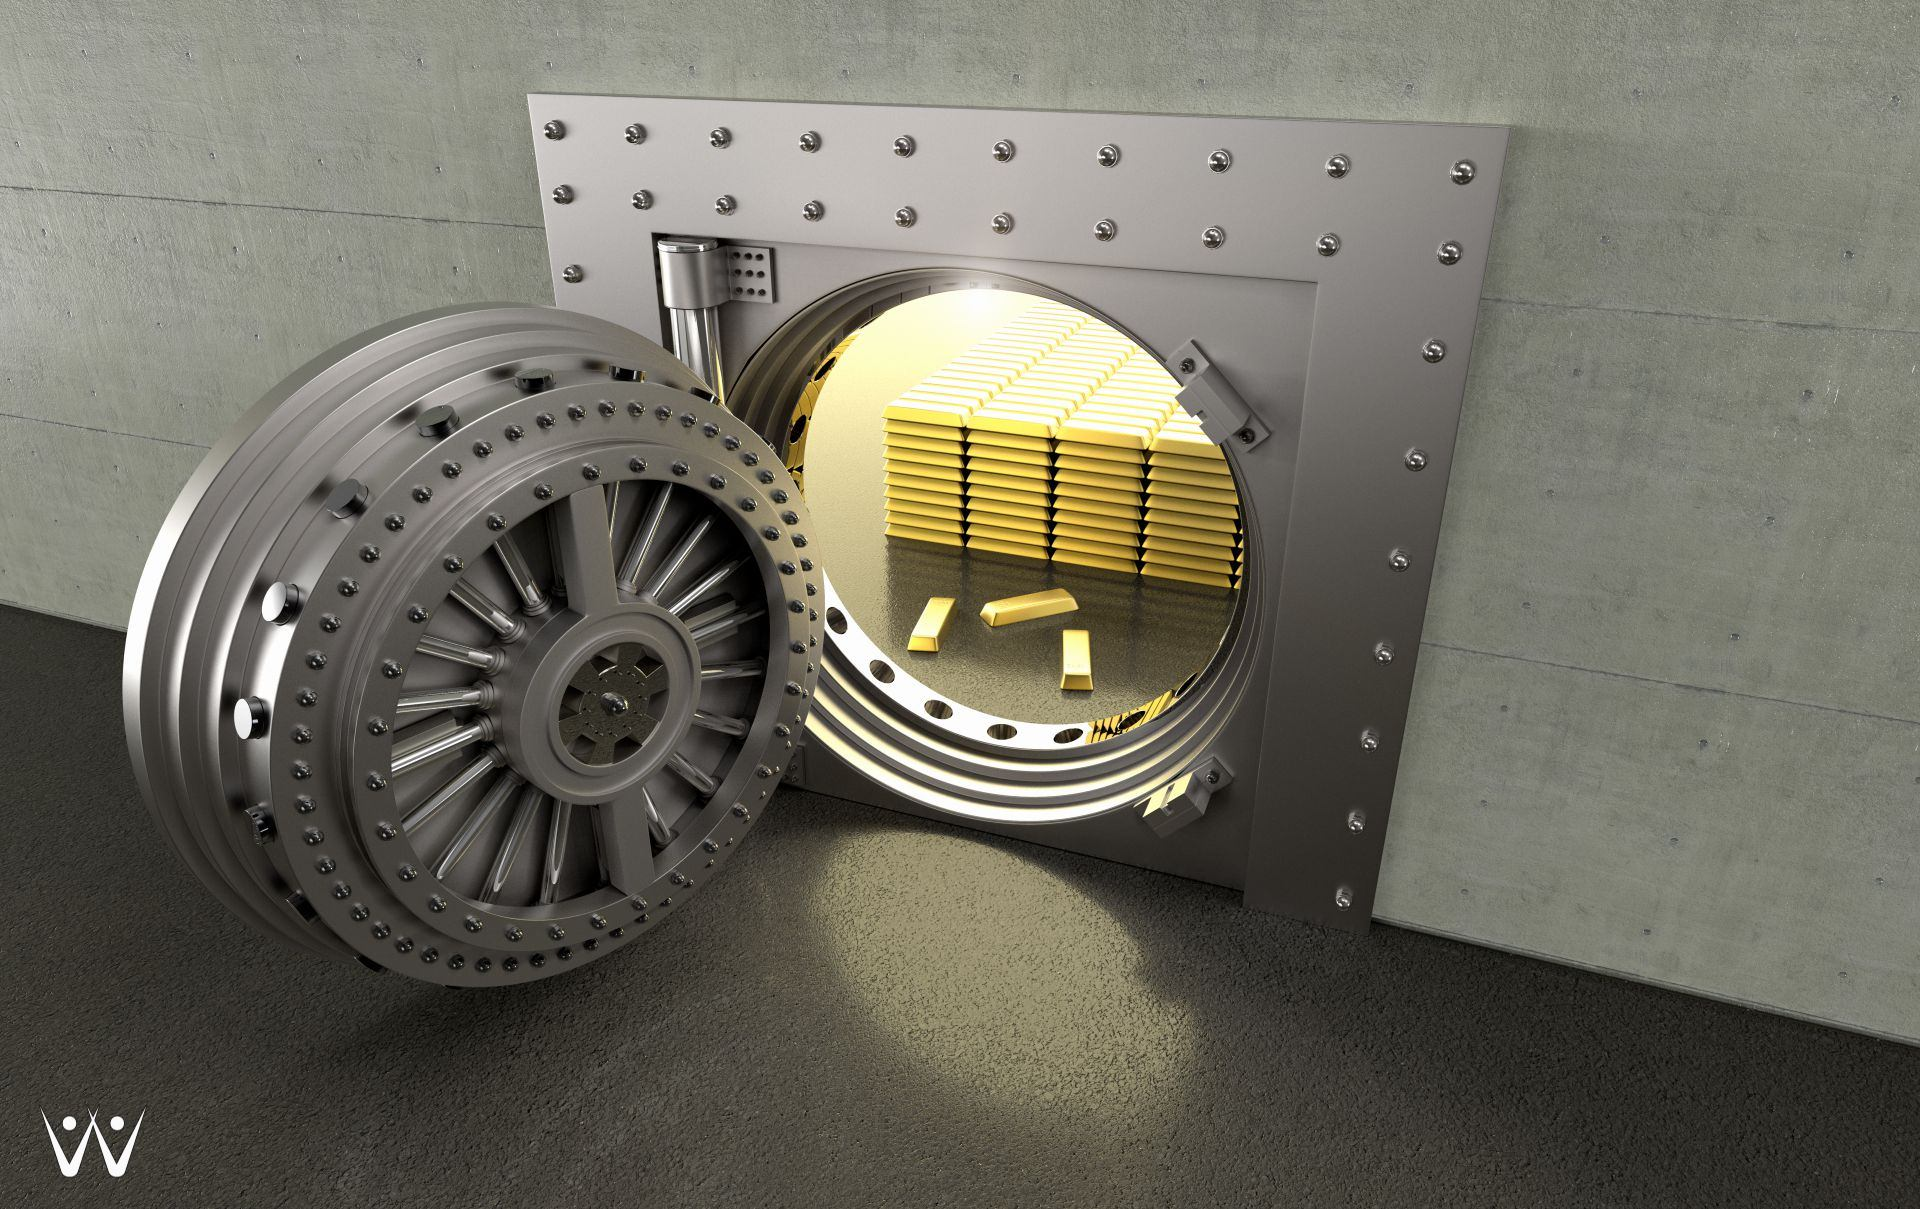 simpan-emas-curi-pencuri-menabung-investasi emas-investasi emas - investasi berlian-cara tepat menyimpan emas yang mudah dan aman - penghasilan sambil tidur - jenis investasi jangka panjang-pinjaman syariah - dana syariah - ekonomi syariah-emas-investasi-perhiasan-emas-investasi-nilai-grafik-naik-tingkat - tips investasi untuk gaji pas pasan- Cara Investasi Emas